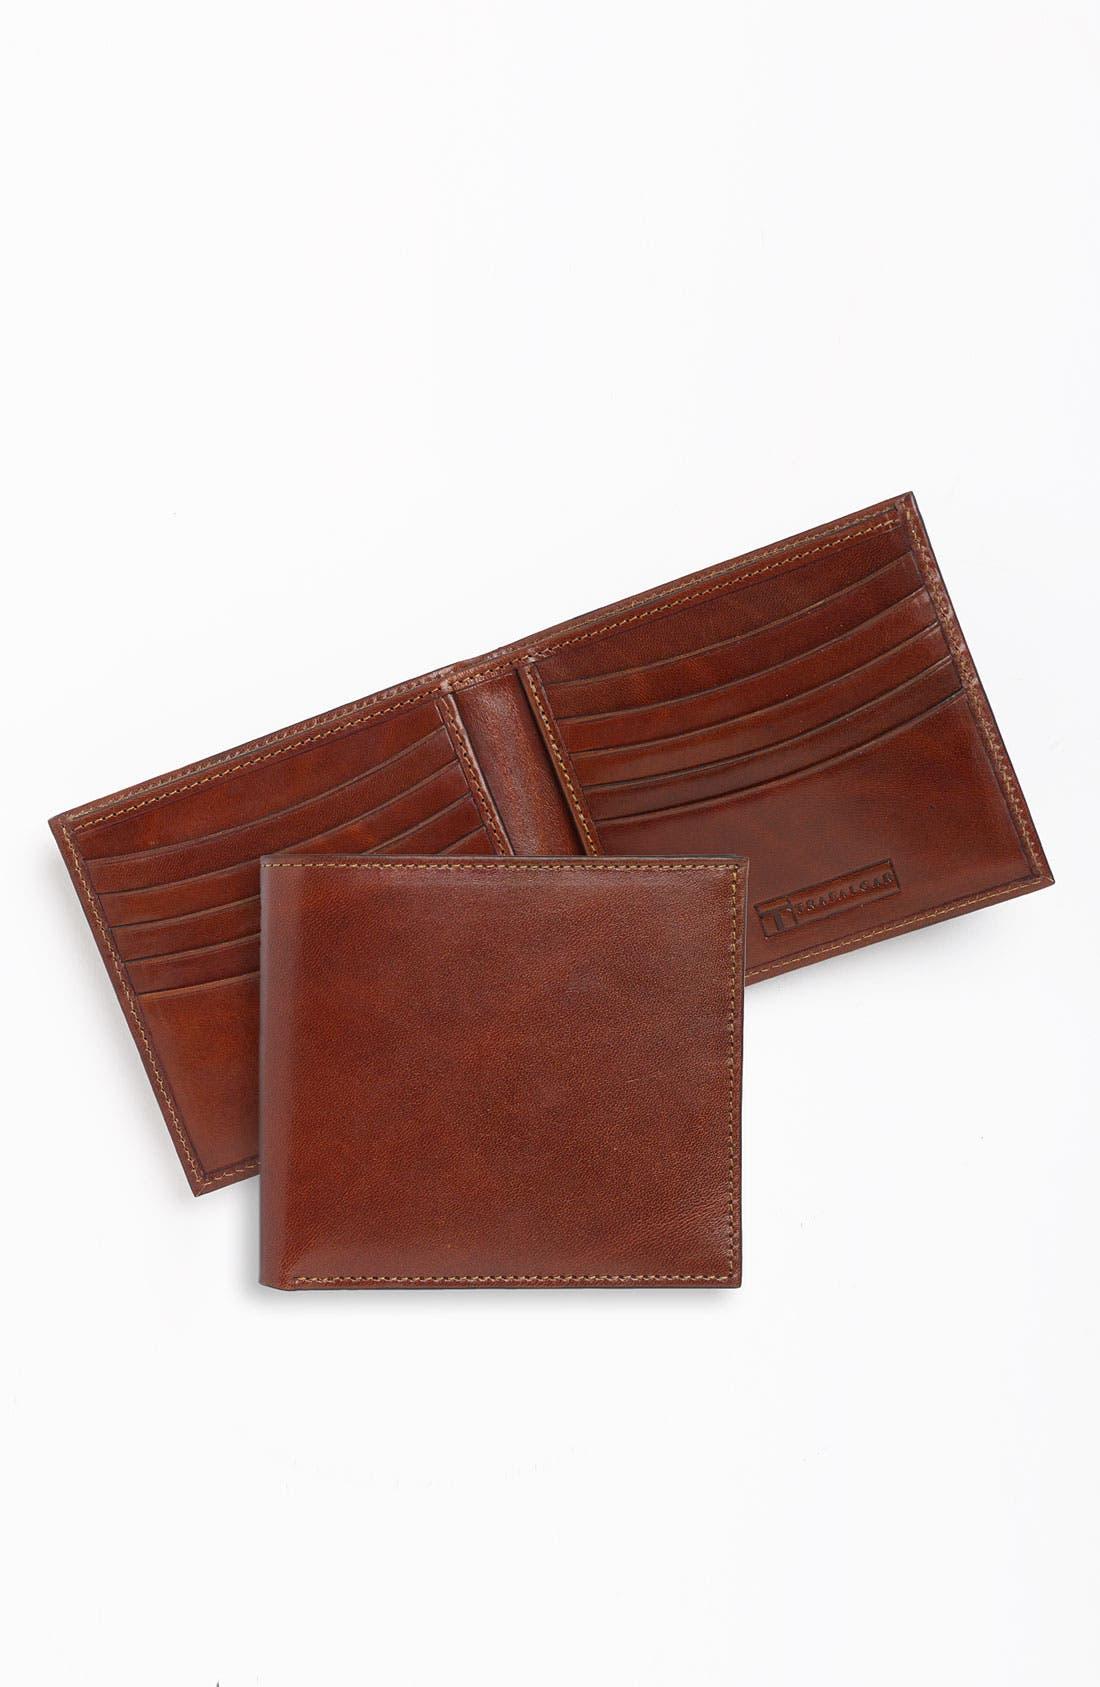 Main Image - Trafalgar 'Cortina' Bifold Wallet